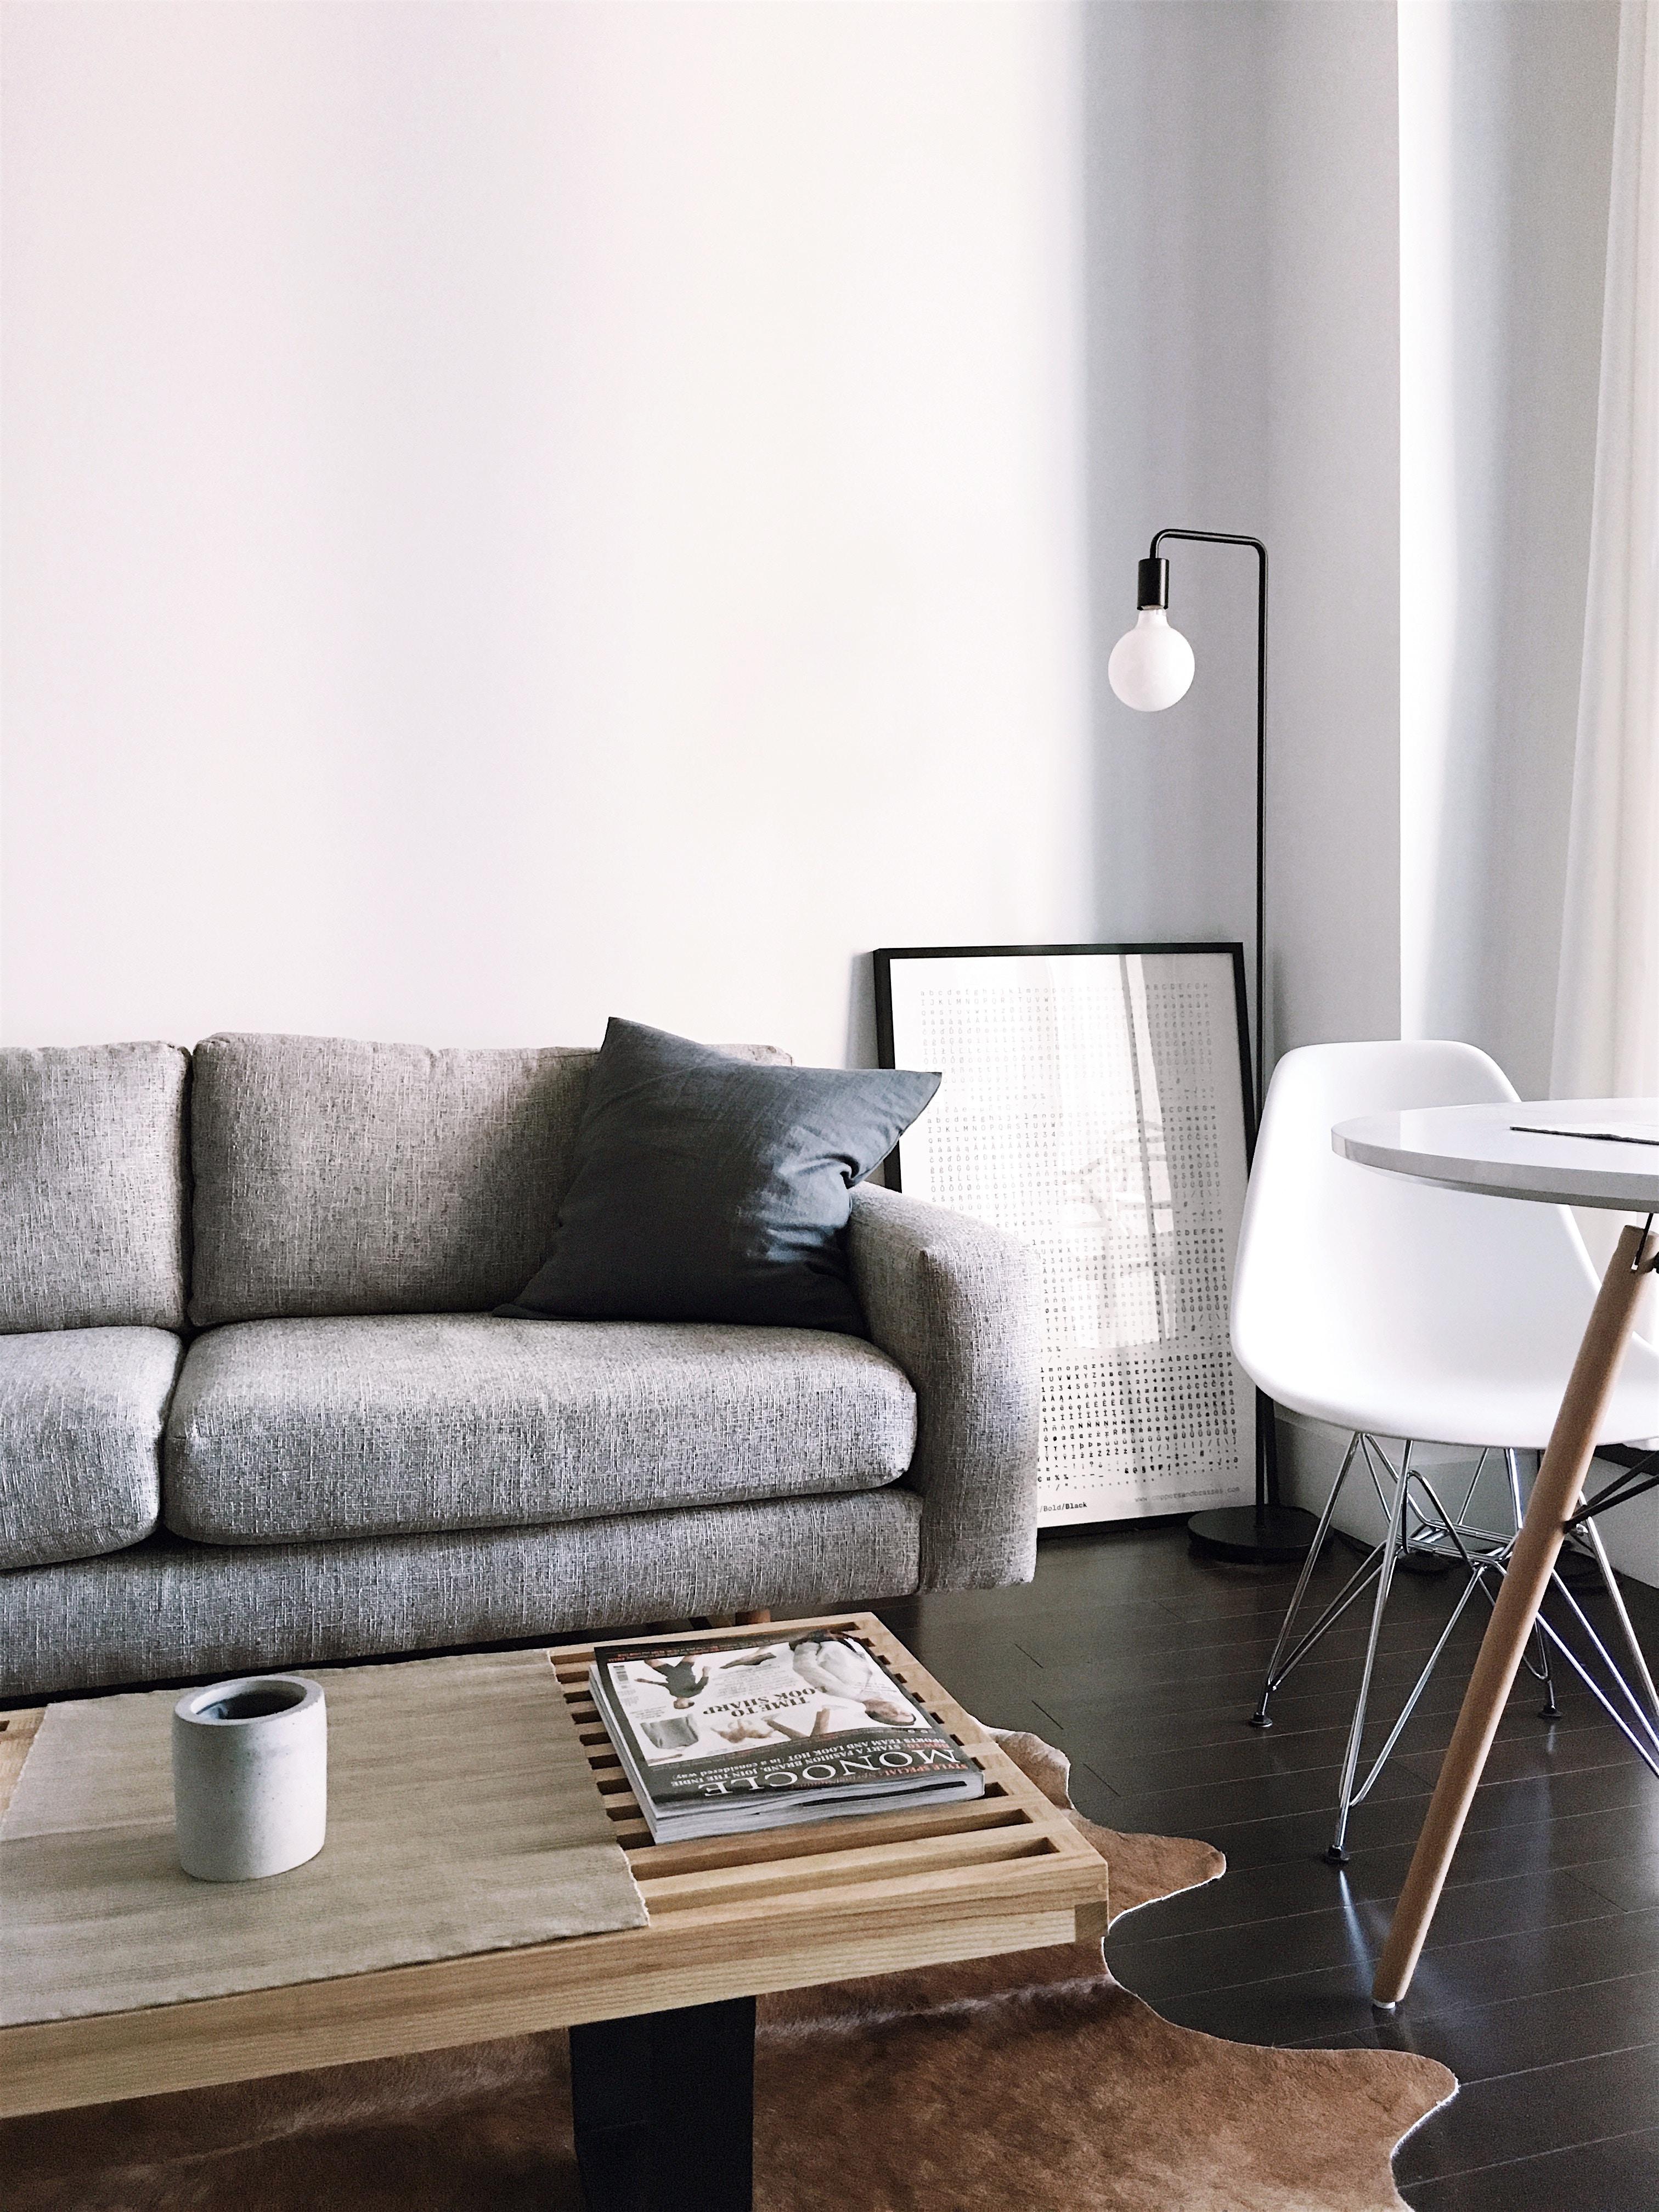 100015_Livingroom_Minimalist_Midcentury..jpg